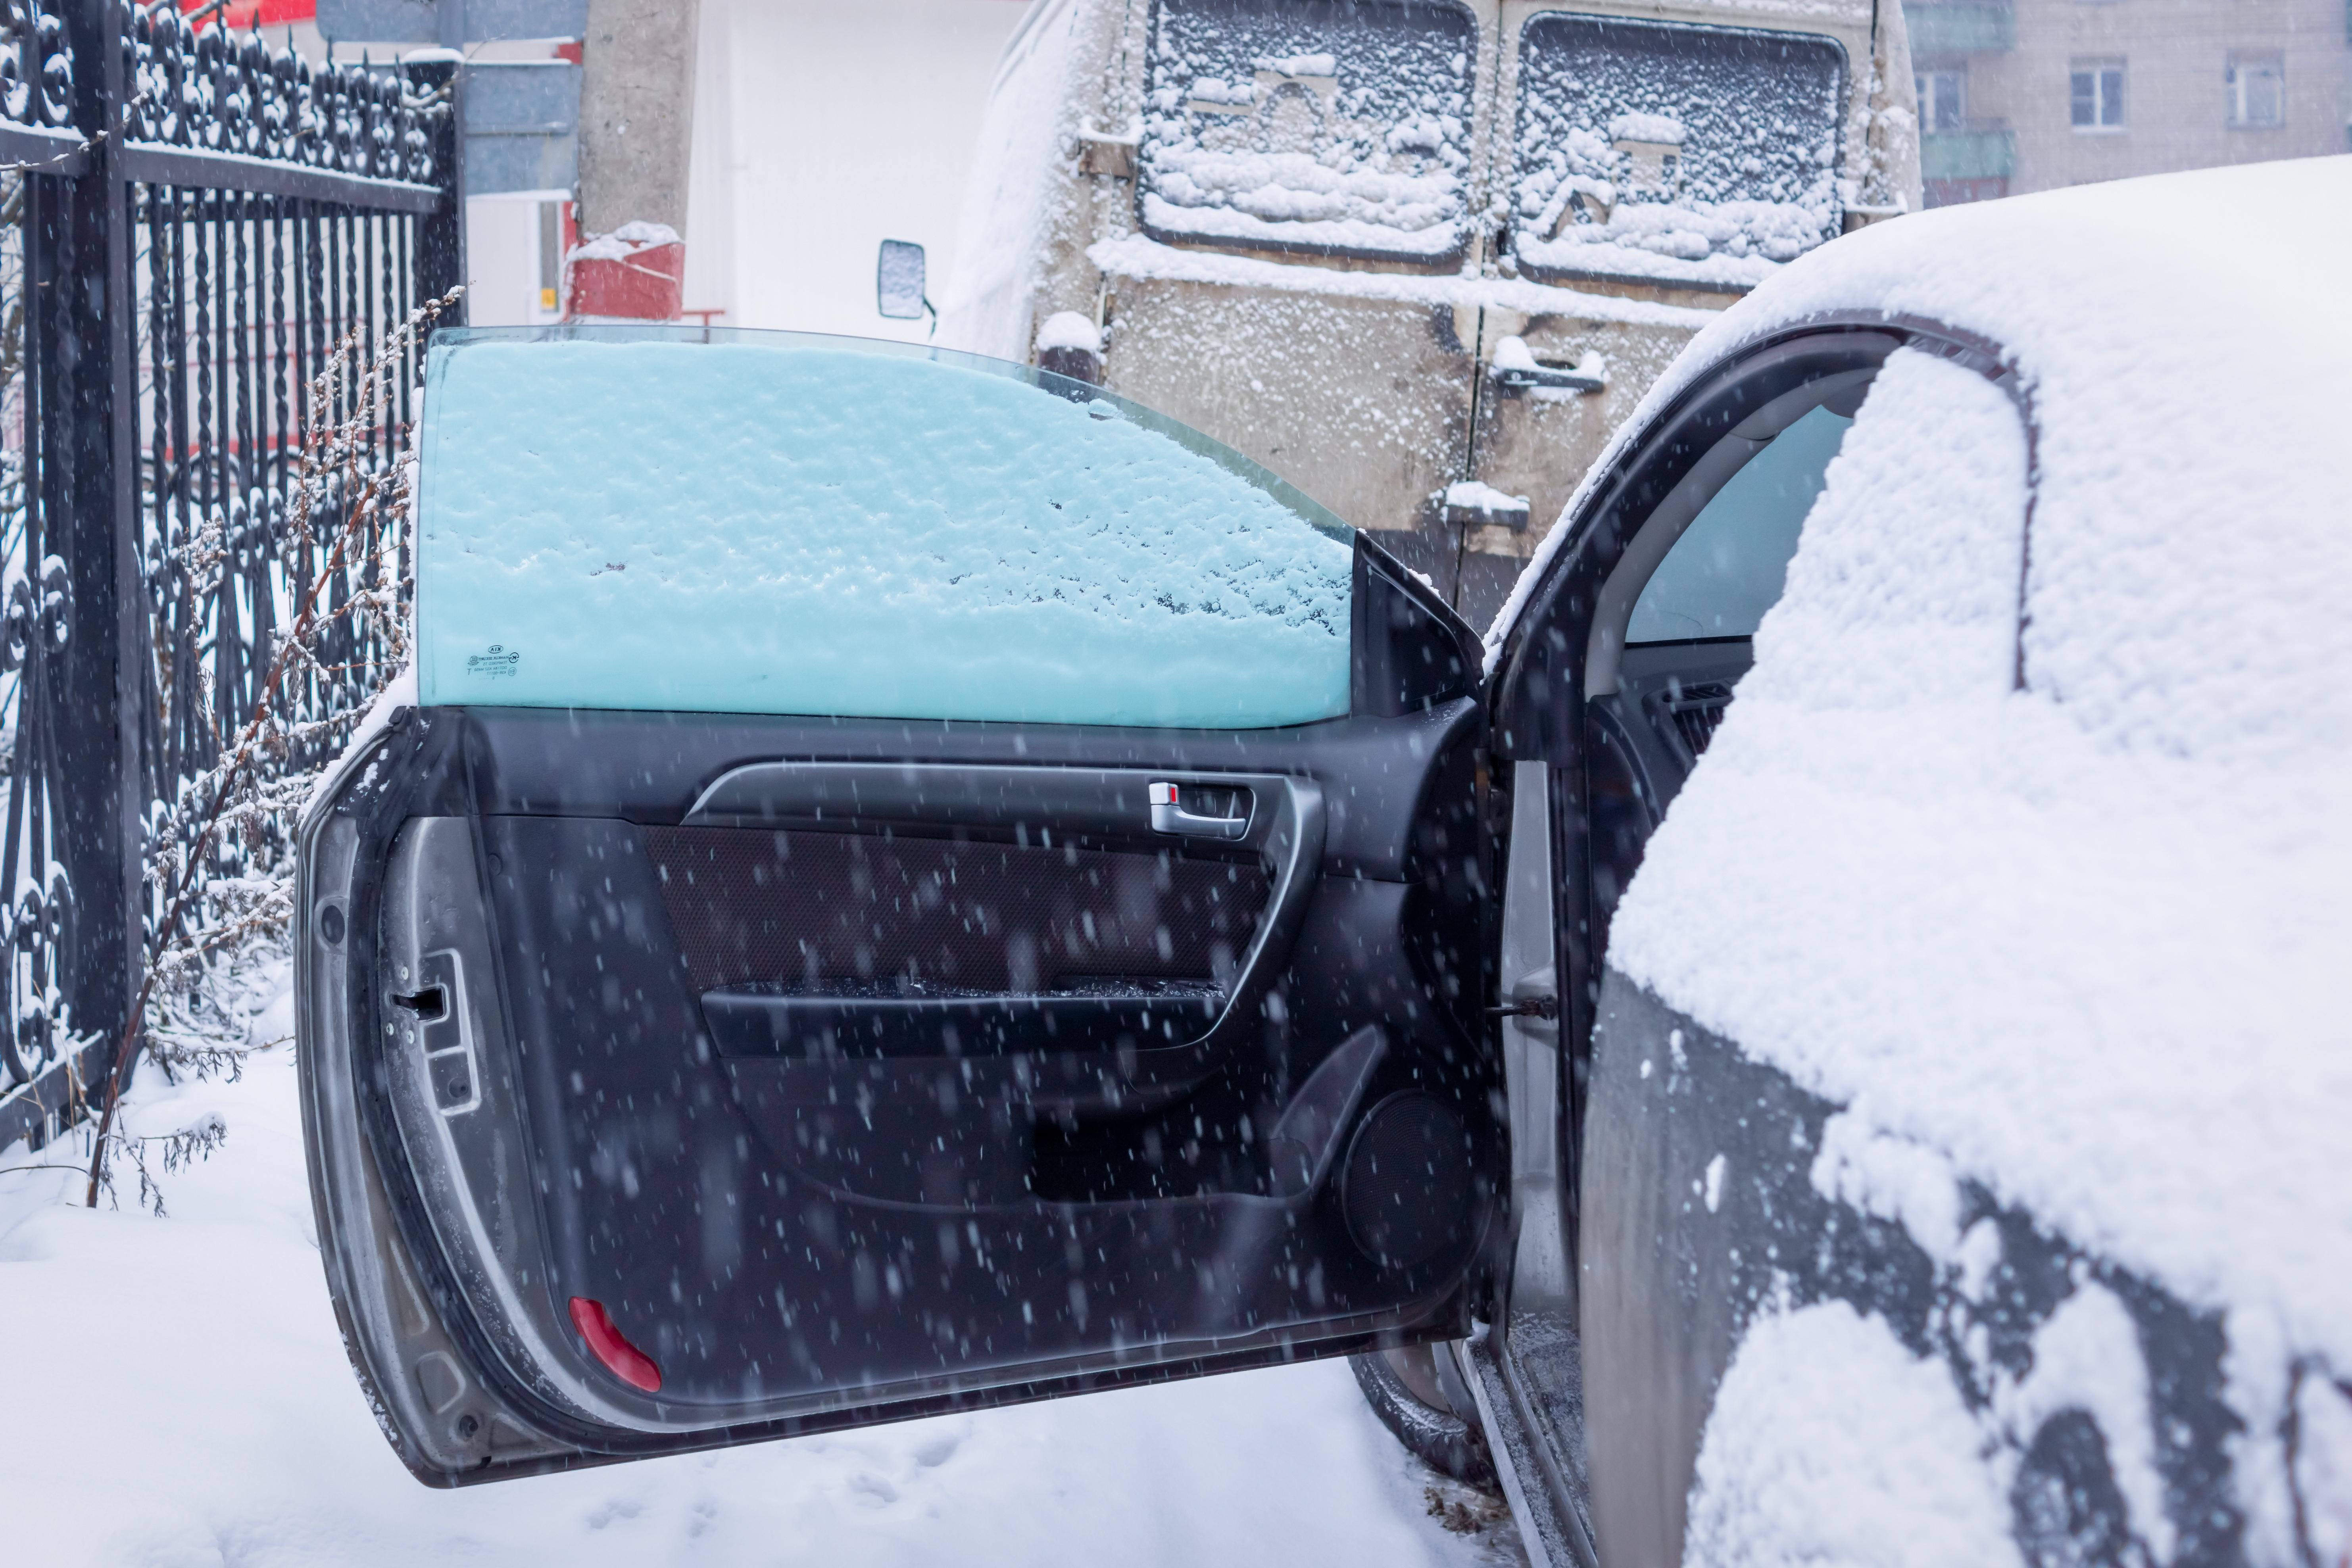 Car door open in snow